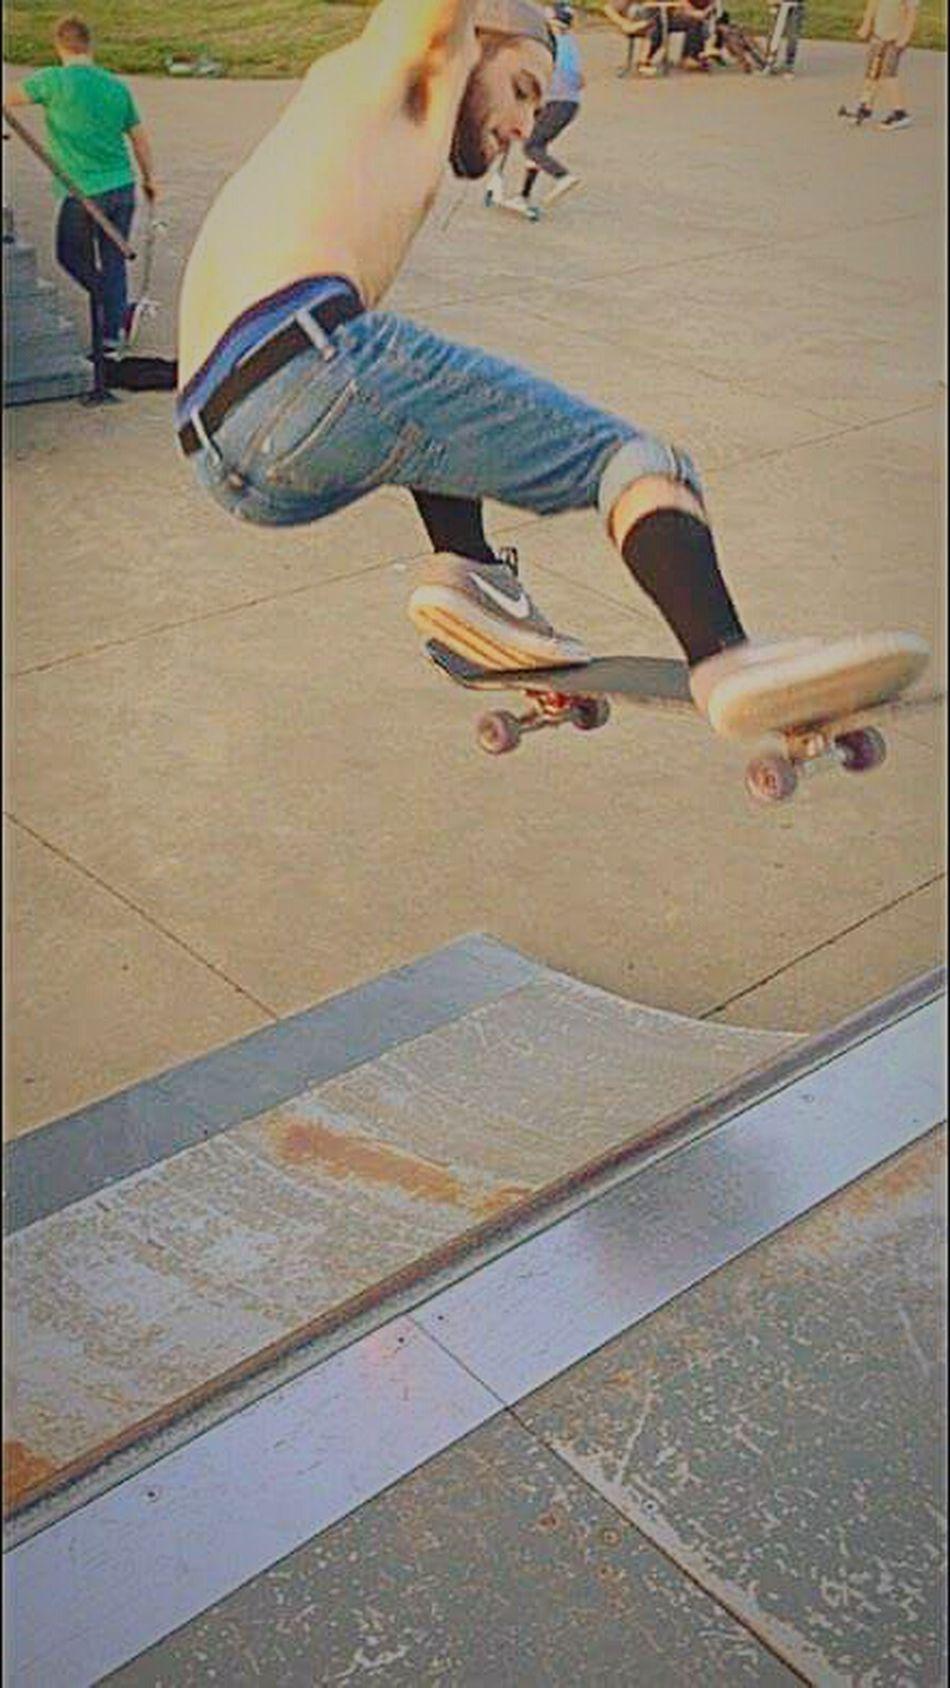 Skate World Skater Punk Shredding The Gnar Nar Thrasher Rippen Skate Park Skate Or Die ! Enjoying Life Dudes Being Dudes Sk8er Skater Punks Awesome Skate Till I Die Skater Life Skateboarding Skateeverydamnday Skateanddestroy Skateallday Skateday Carries Picks My Boy ❤ My Baby Athleisure